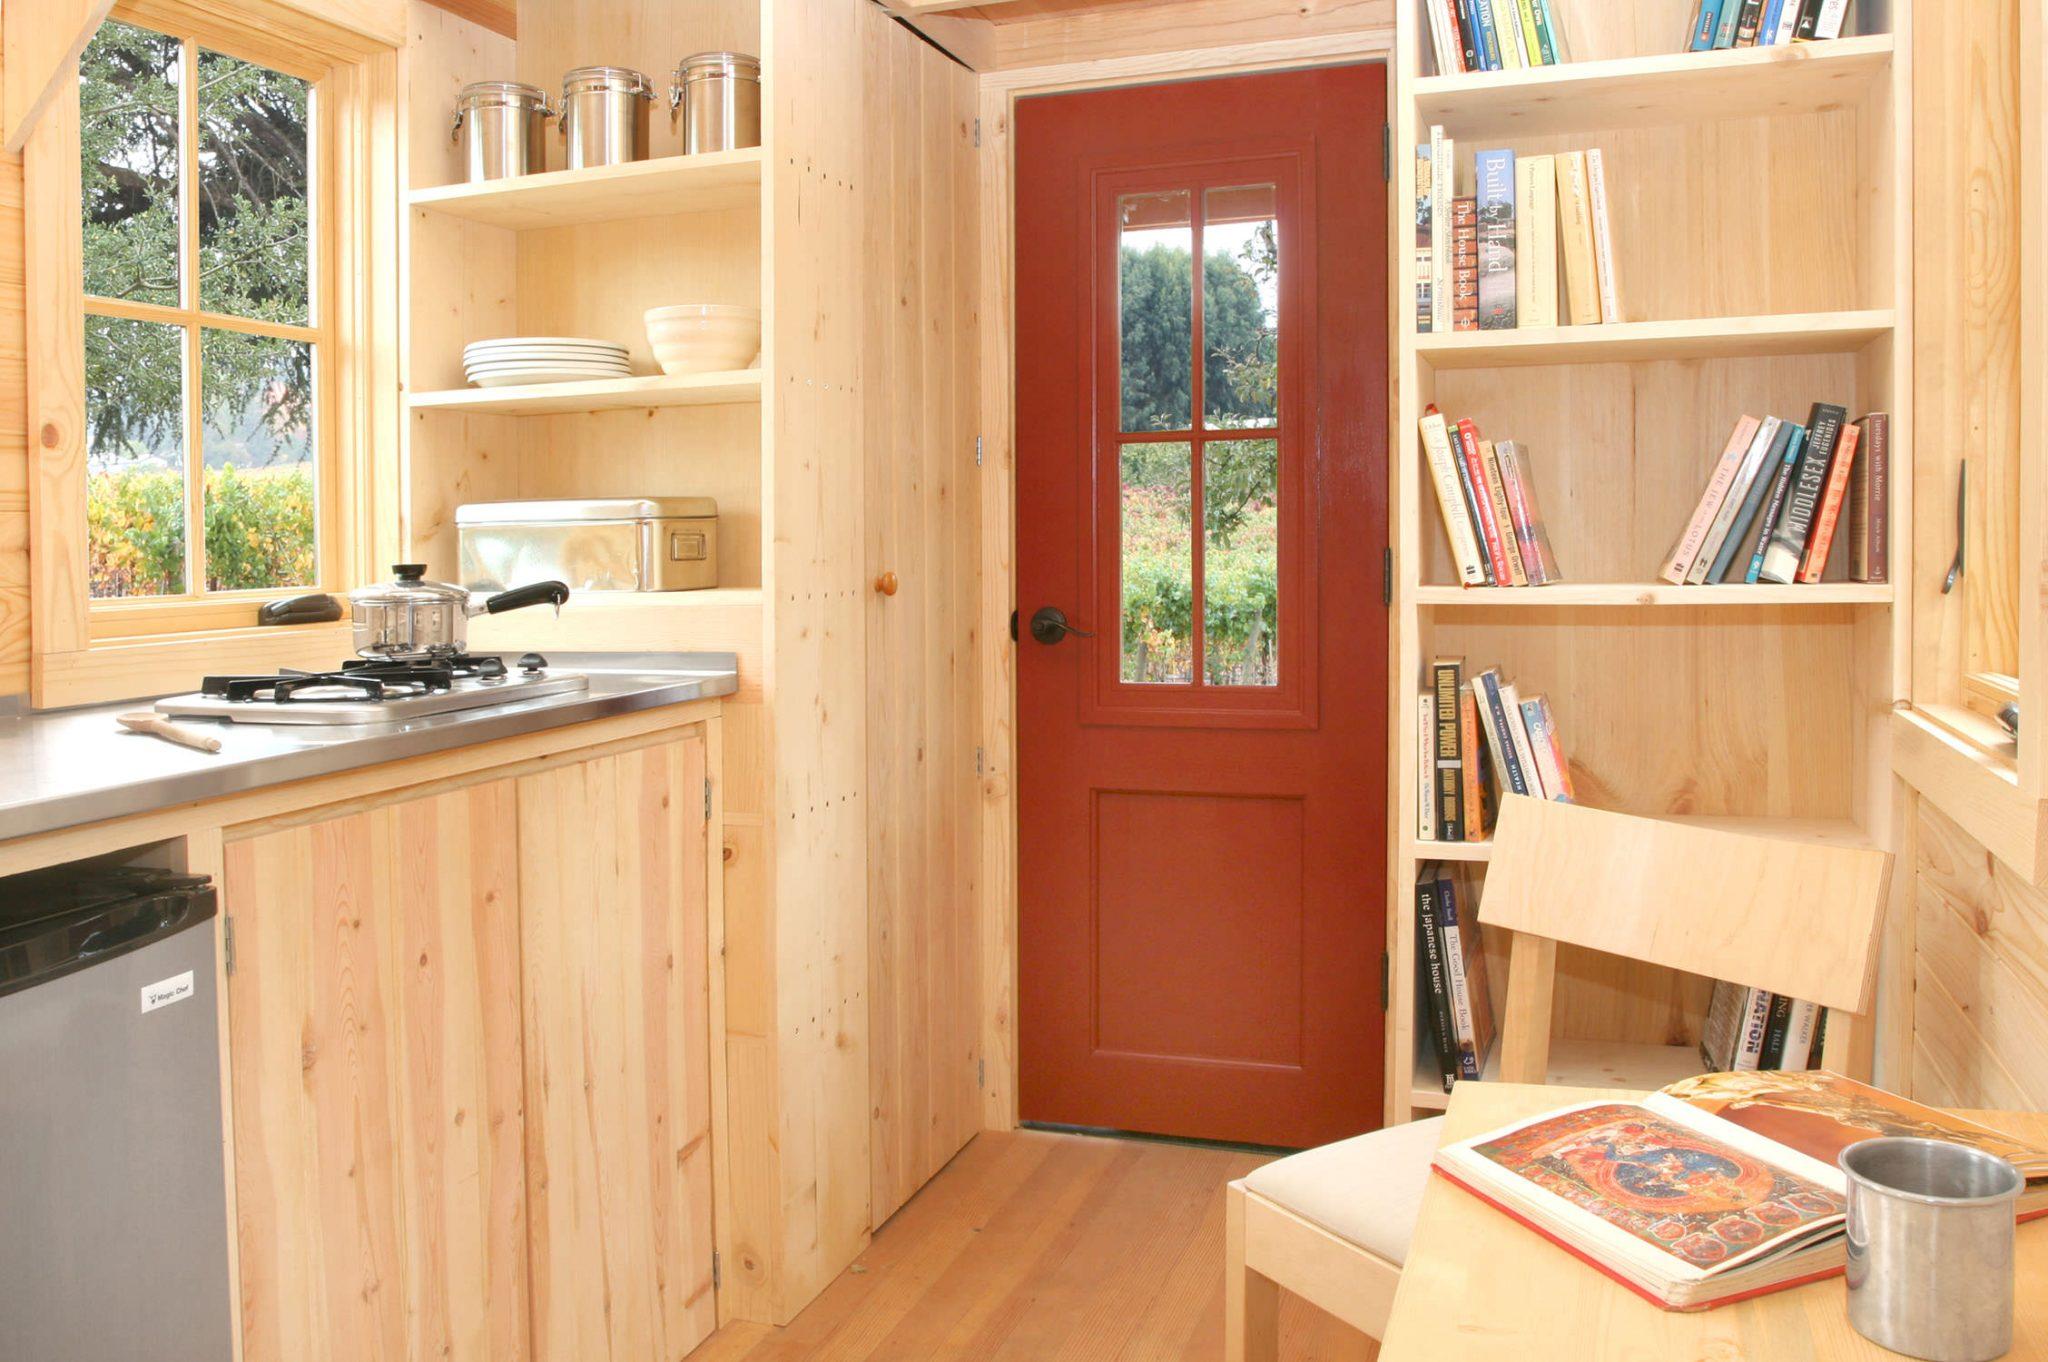 Котел, обогреватели или сплит-системы — чем экономнее обогреть дом с помощью электричества